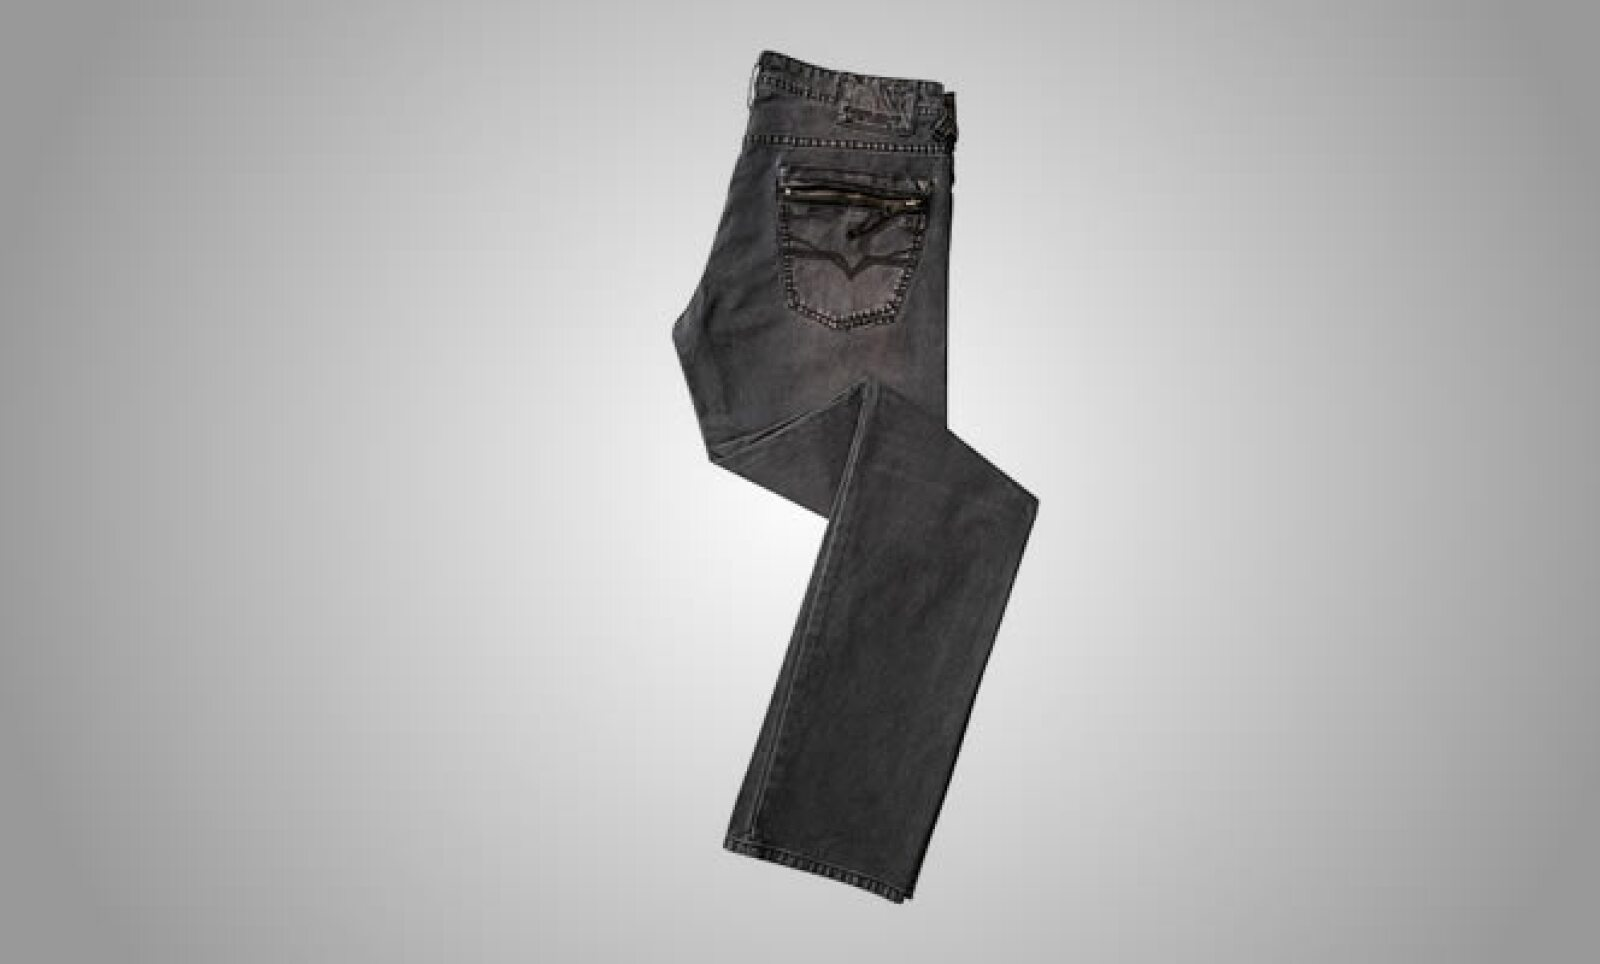 El corte recto en los jeans representa la mayor parte de la colección, que ya está disponible en las boutiques y espacios comerciales de la firma en México.